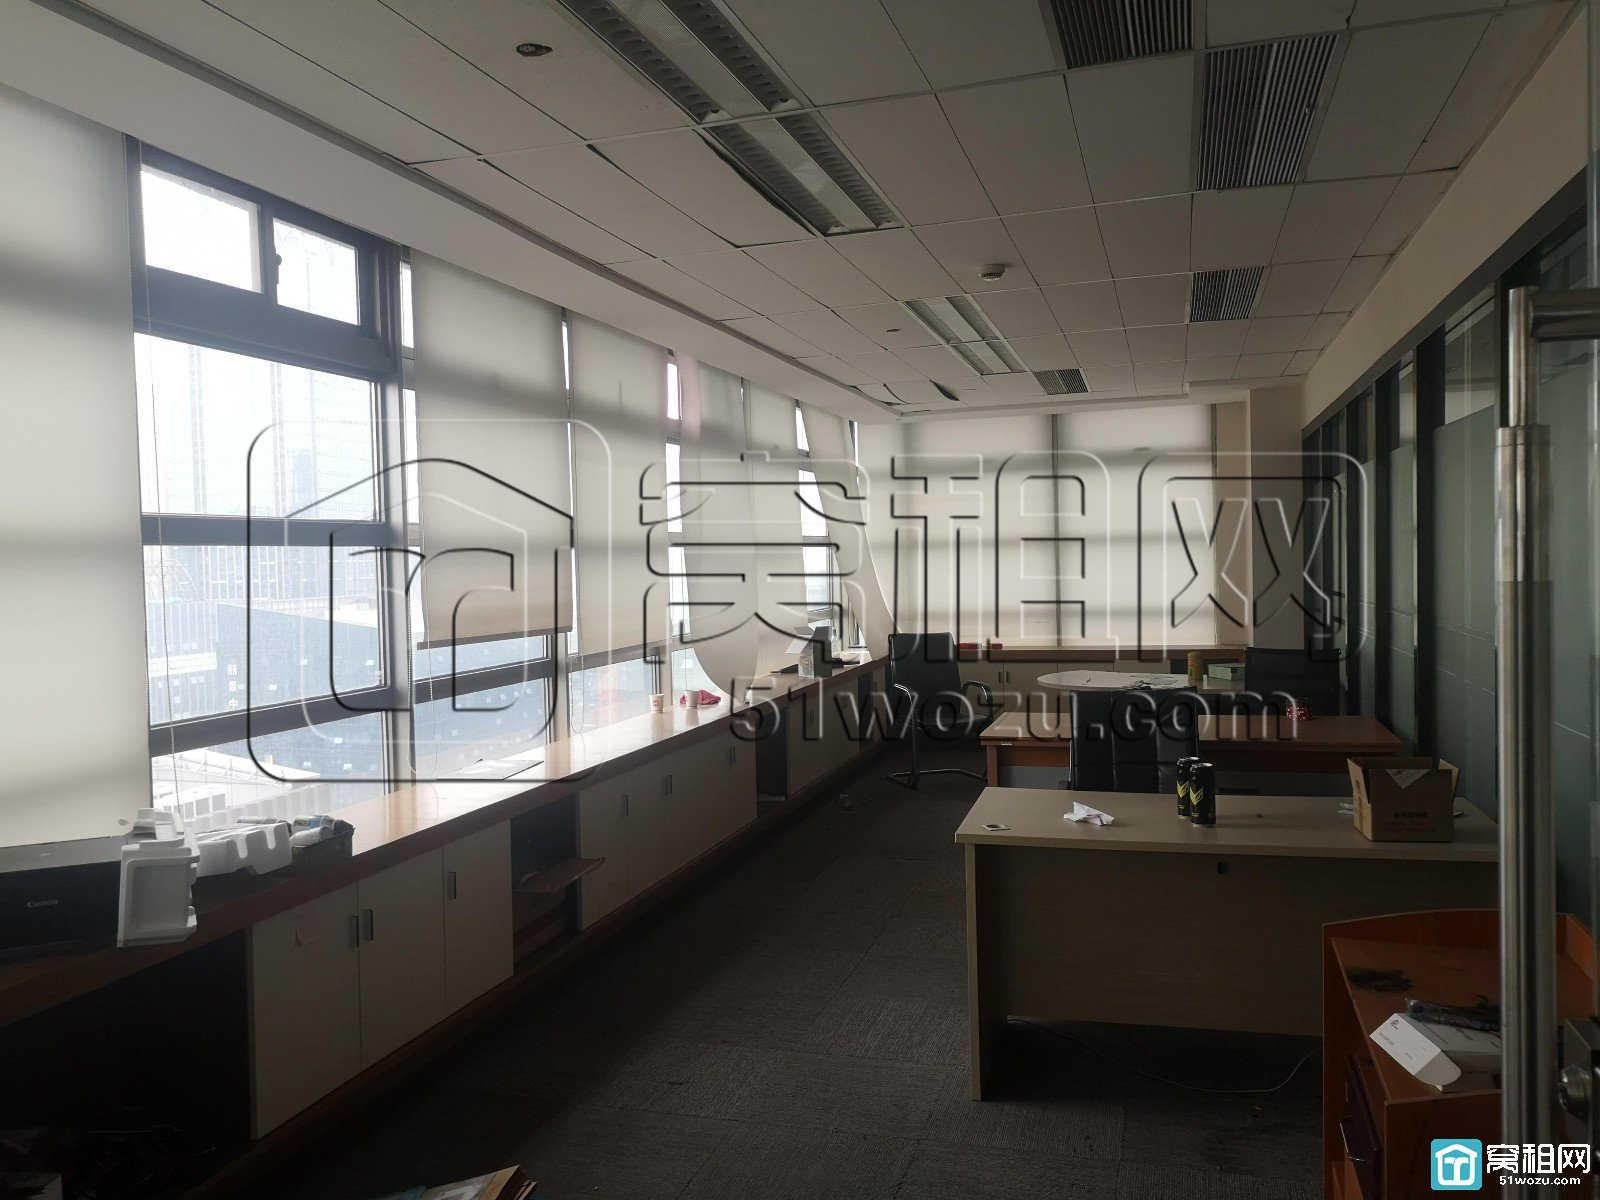 南部商务区 红巨大厦 30平配家具 水电物业空调全包